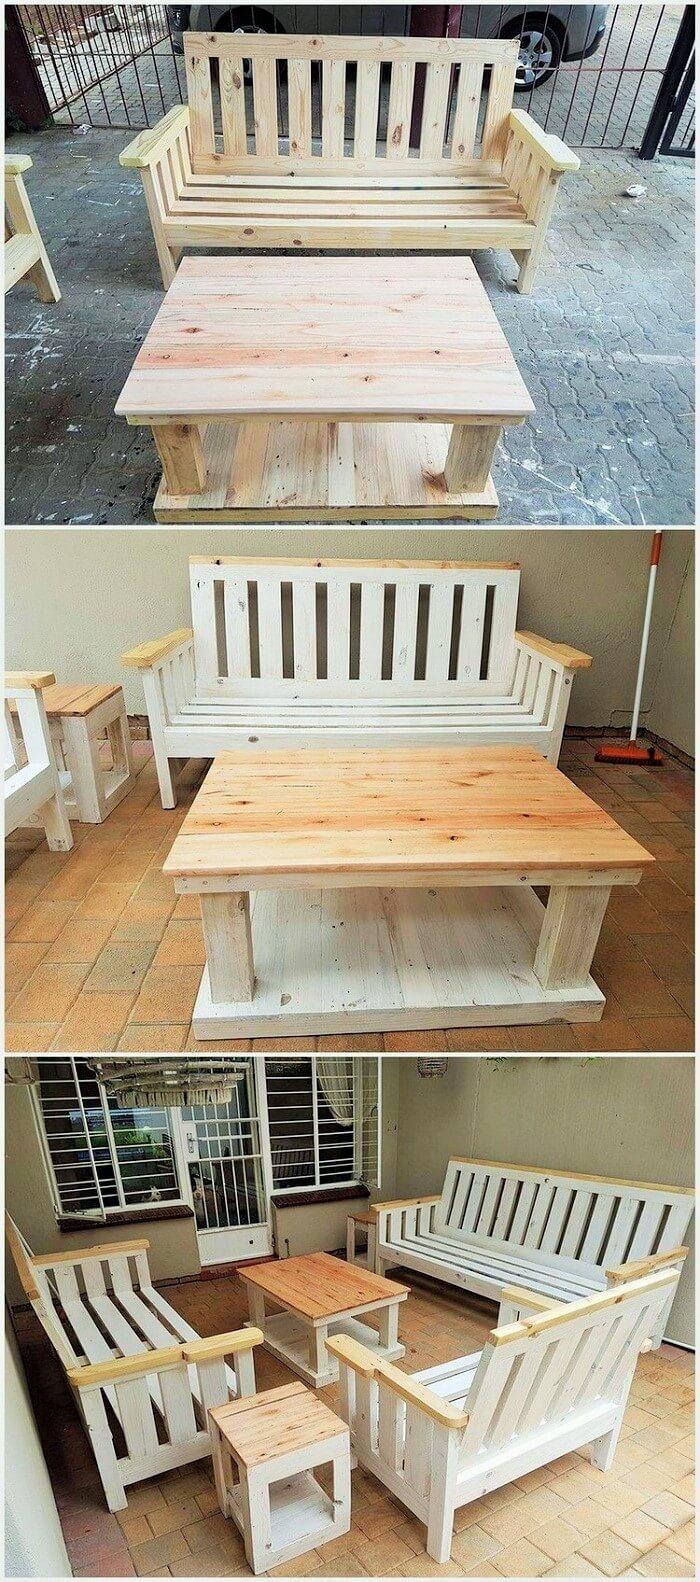 Wood-Pallet-Furniture-Set1 (2)